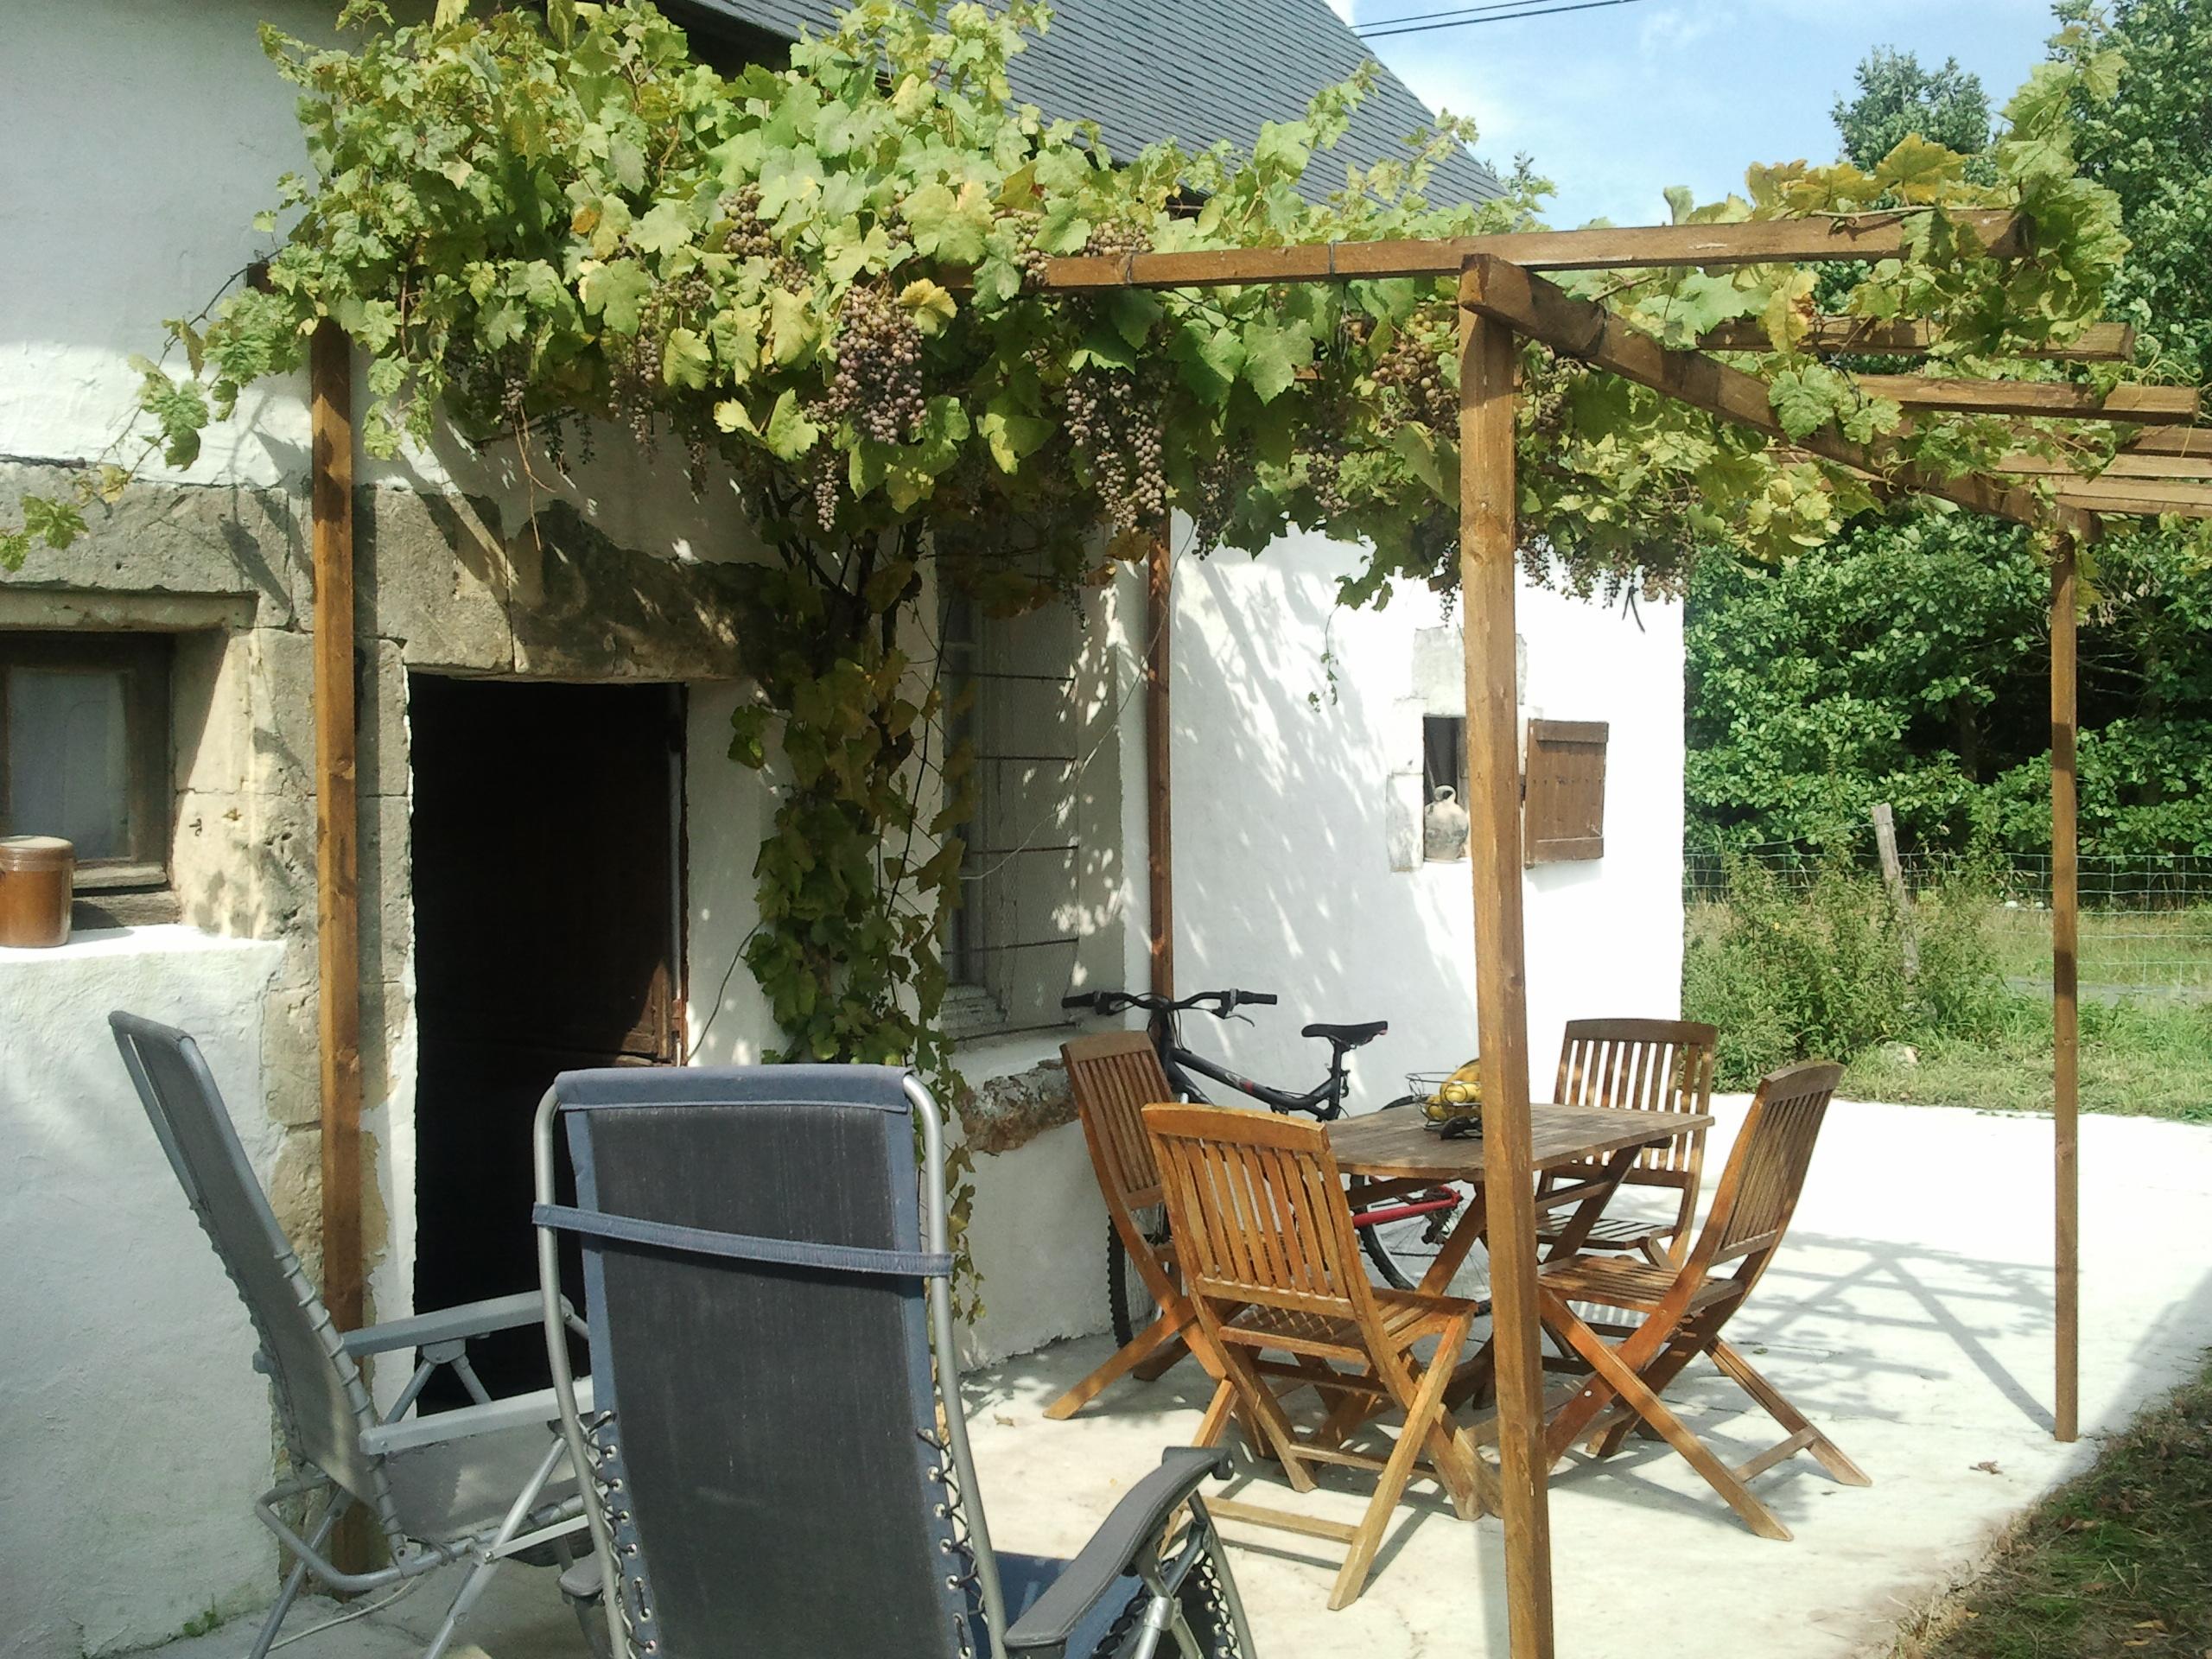 Terrasse Vigne Vierge : pergola fait de mes mains avec vigne vierge D maison de